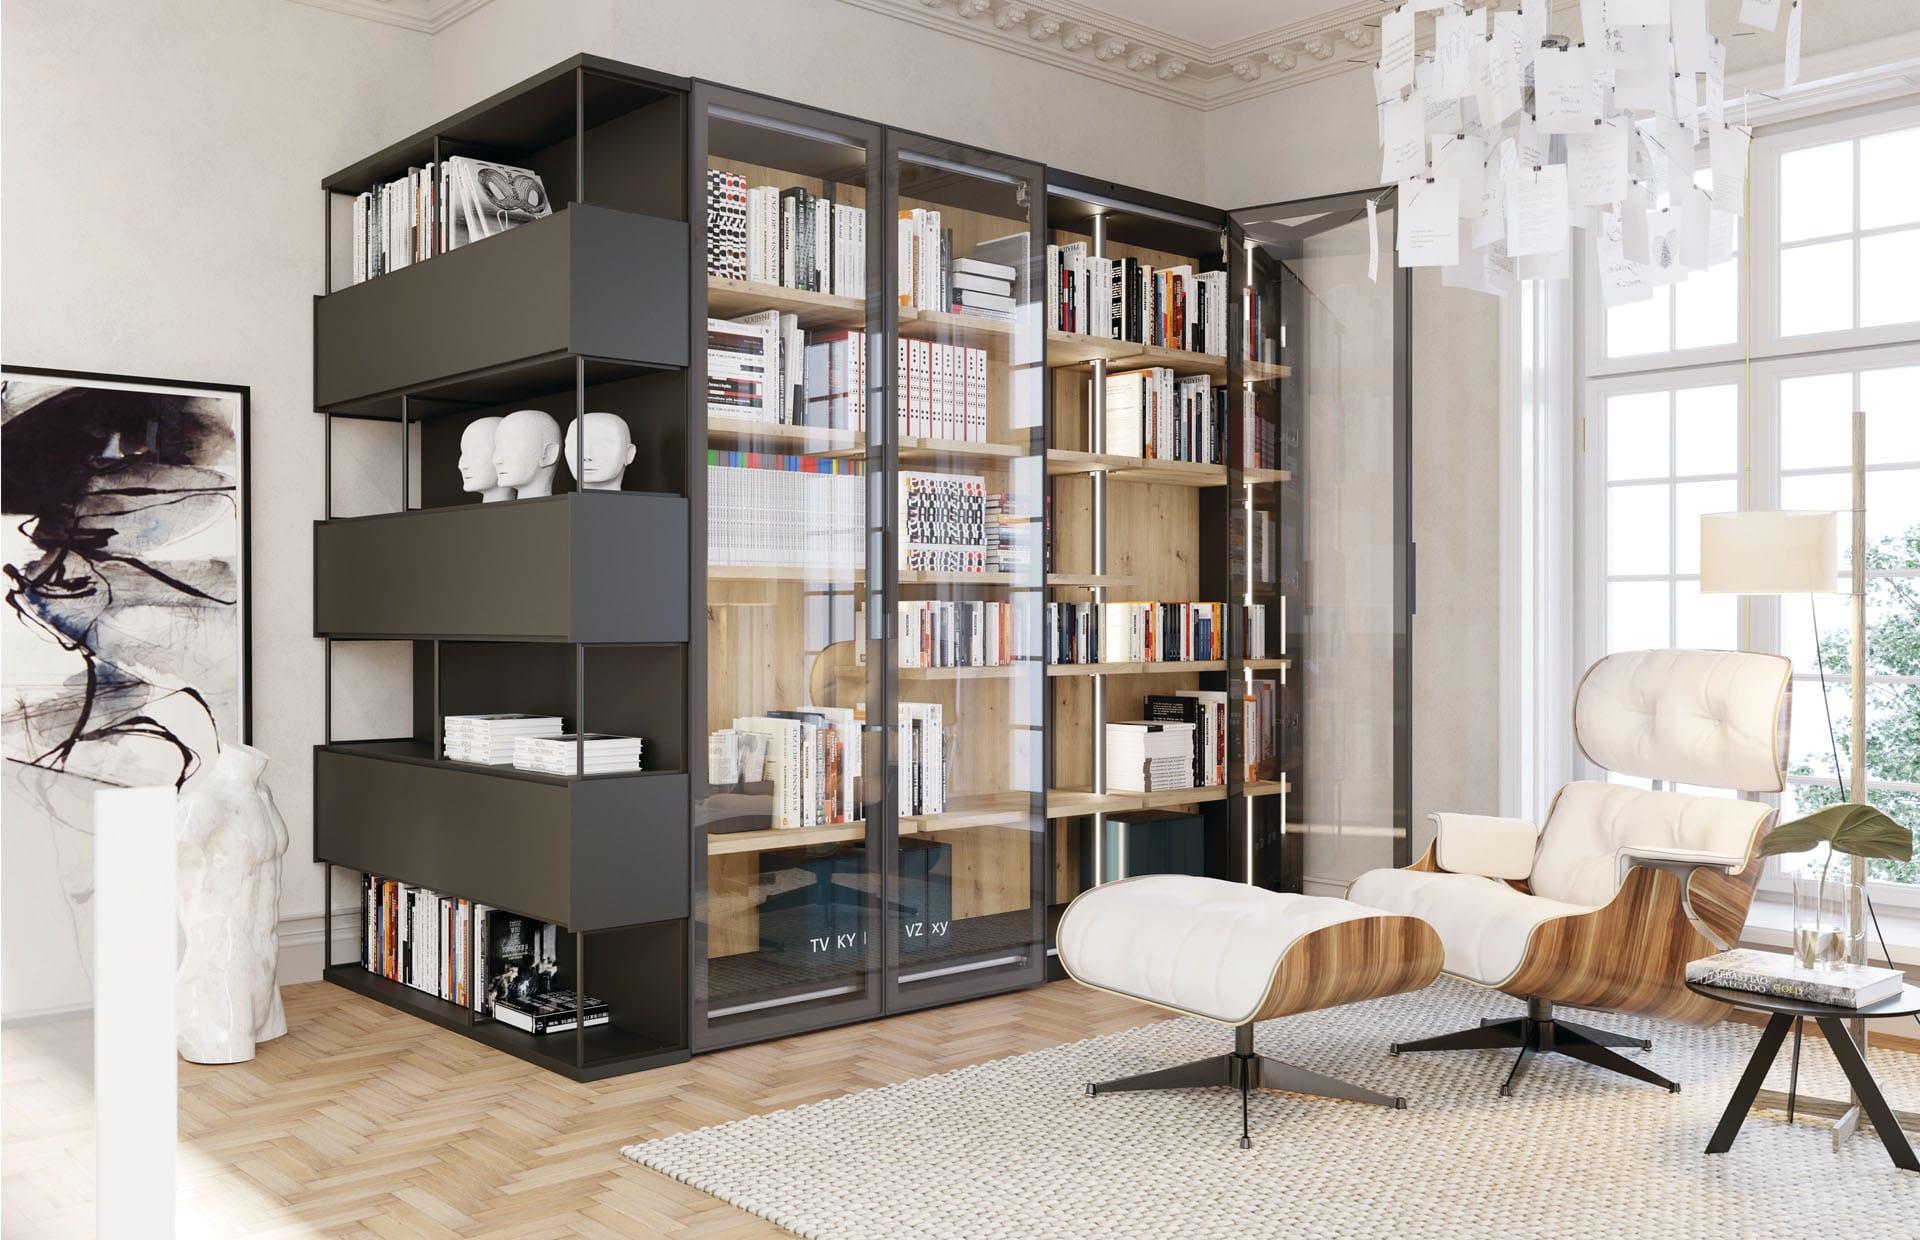 Muebles de oficina cl sicos en zaragoza r stica ambientes for Muebles de oficina zaragoza